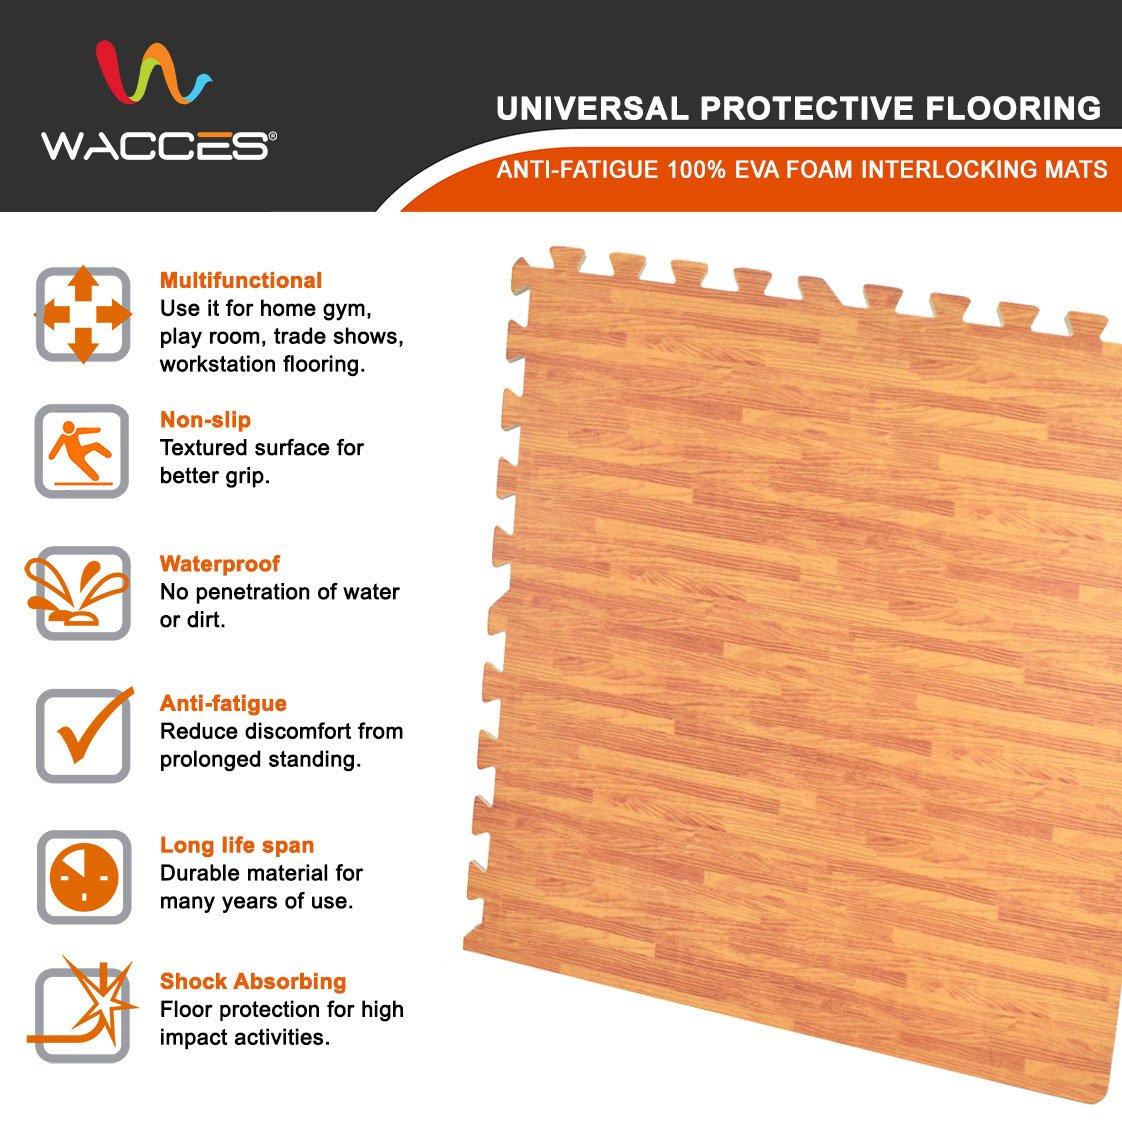 24 SQ FT Wacces 24 x 24 inch Multi-Purpose Puzzle EVA Floor Interlocking Foam Exercise Mat Tiles